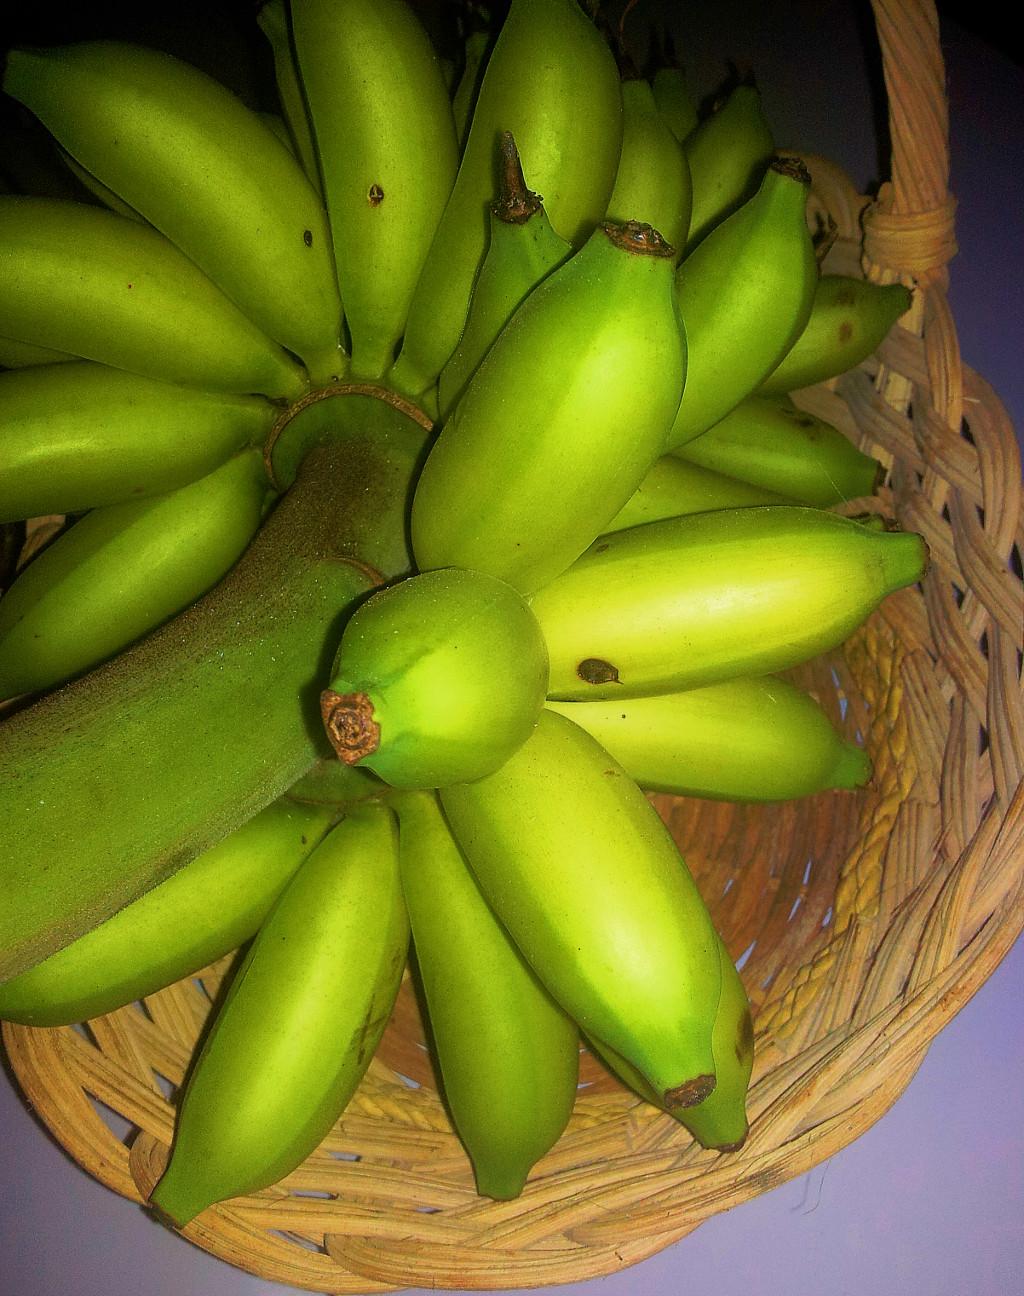 Small Banana Name